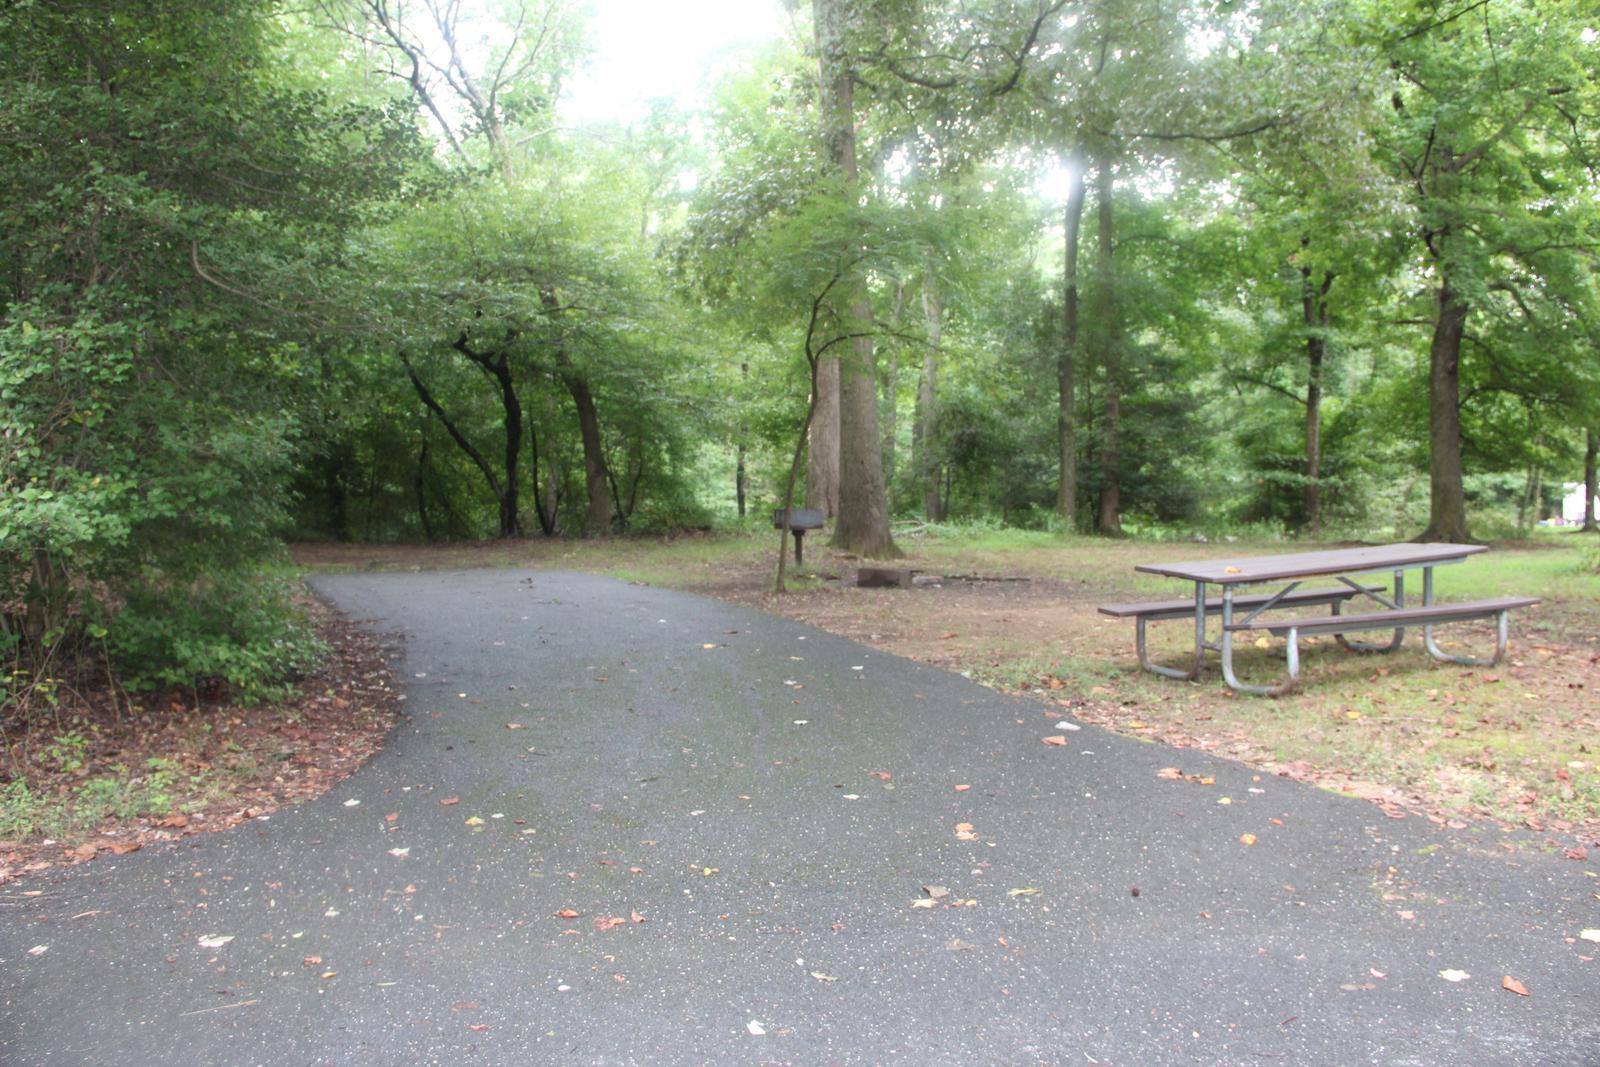 Greenbelt Park Campground Site 135